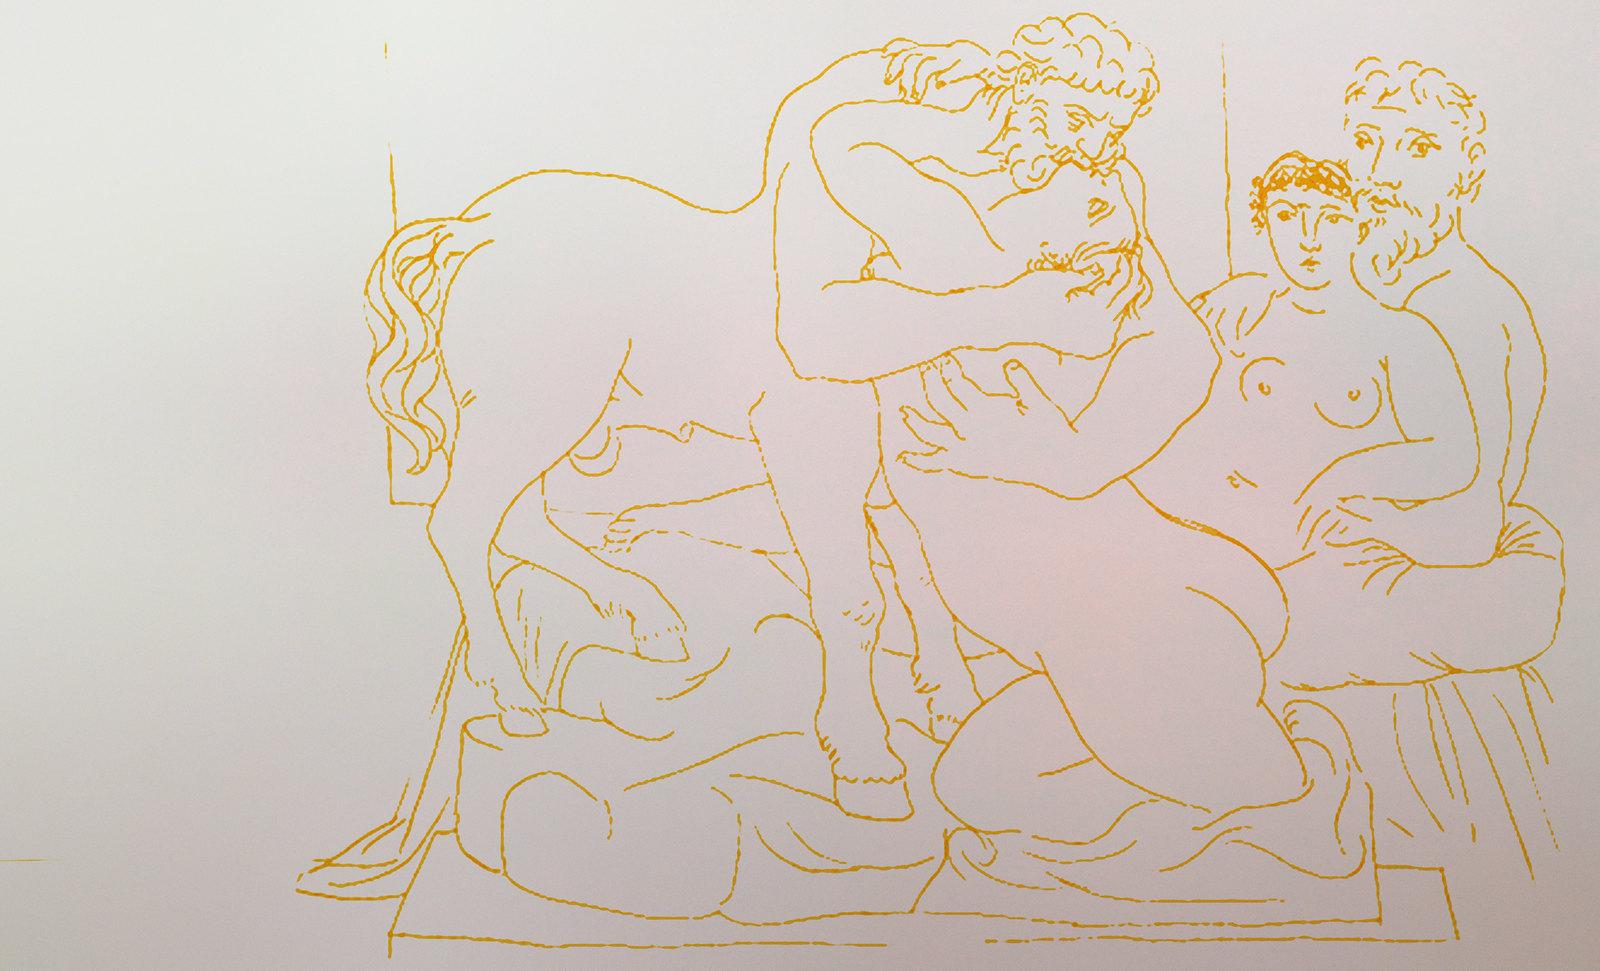 55Pablo Picasso